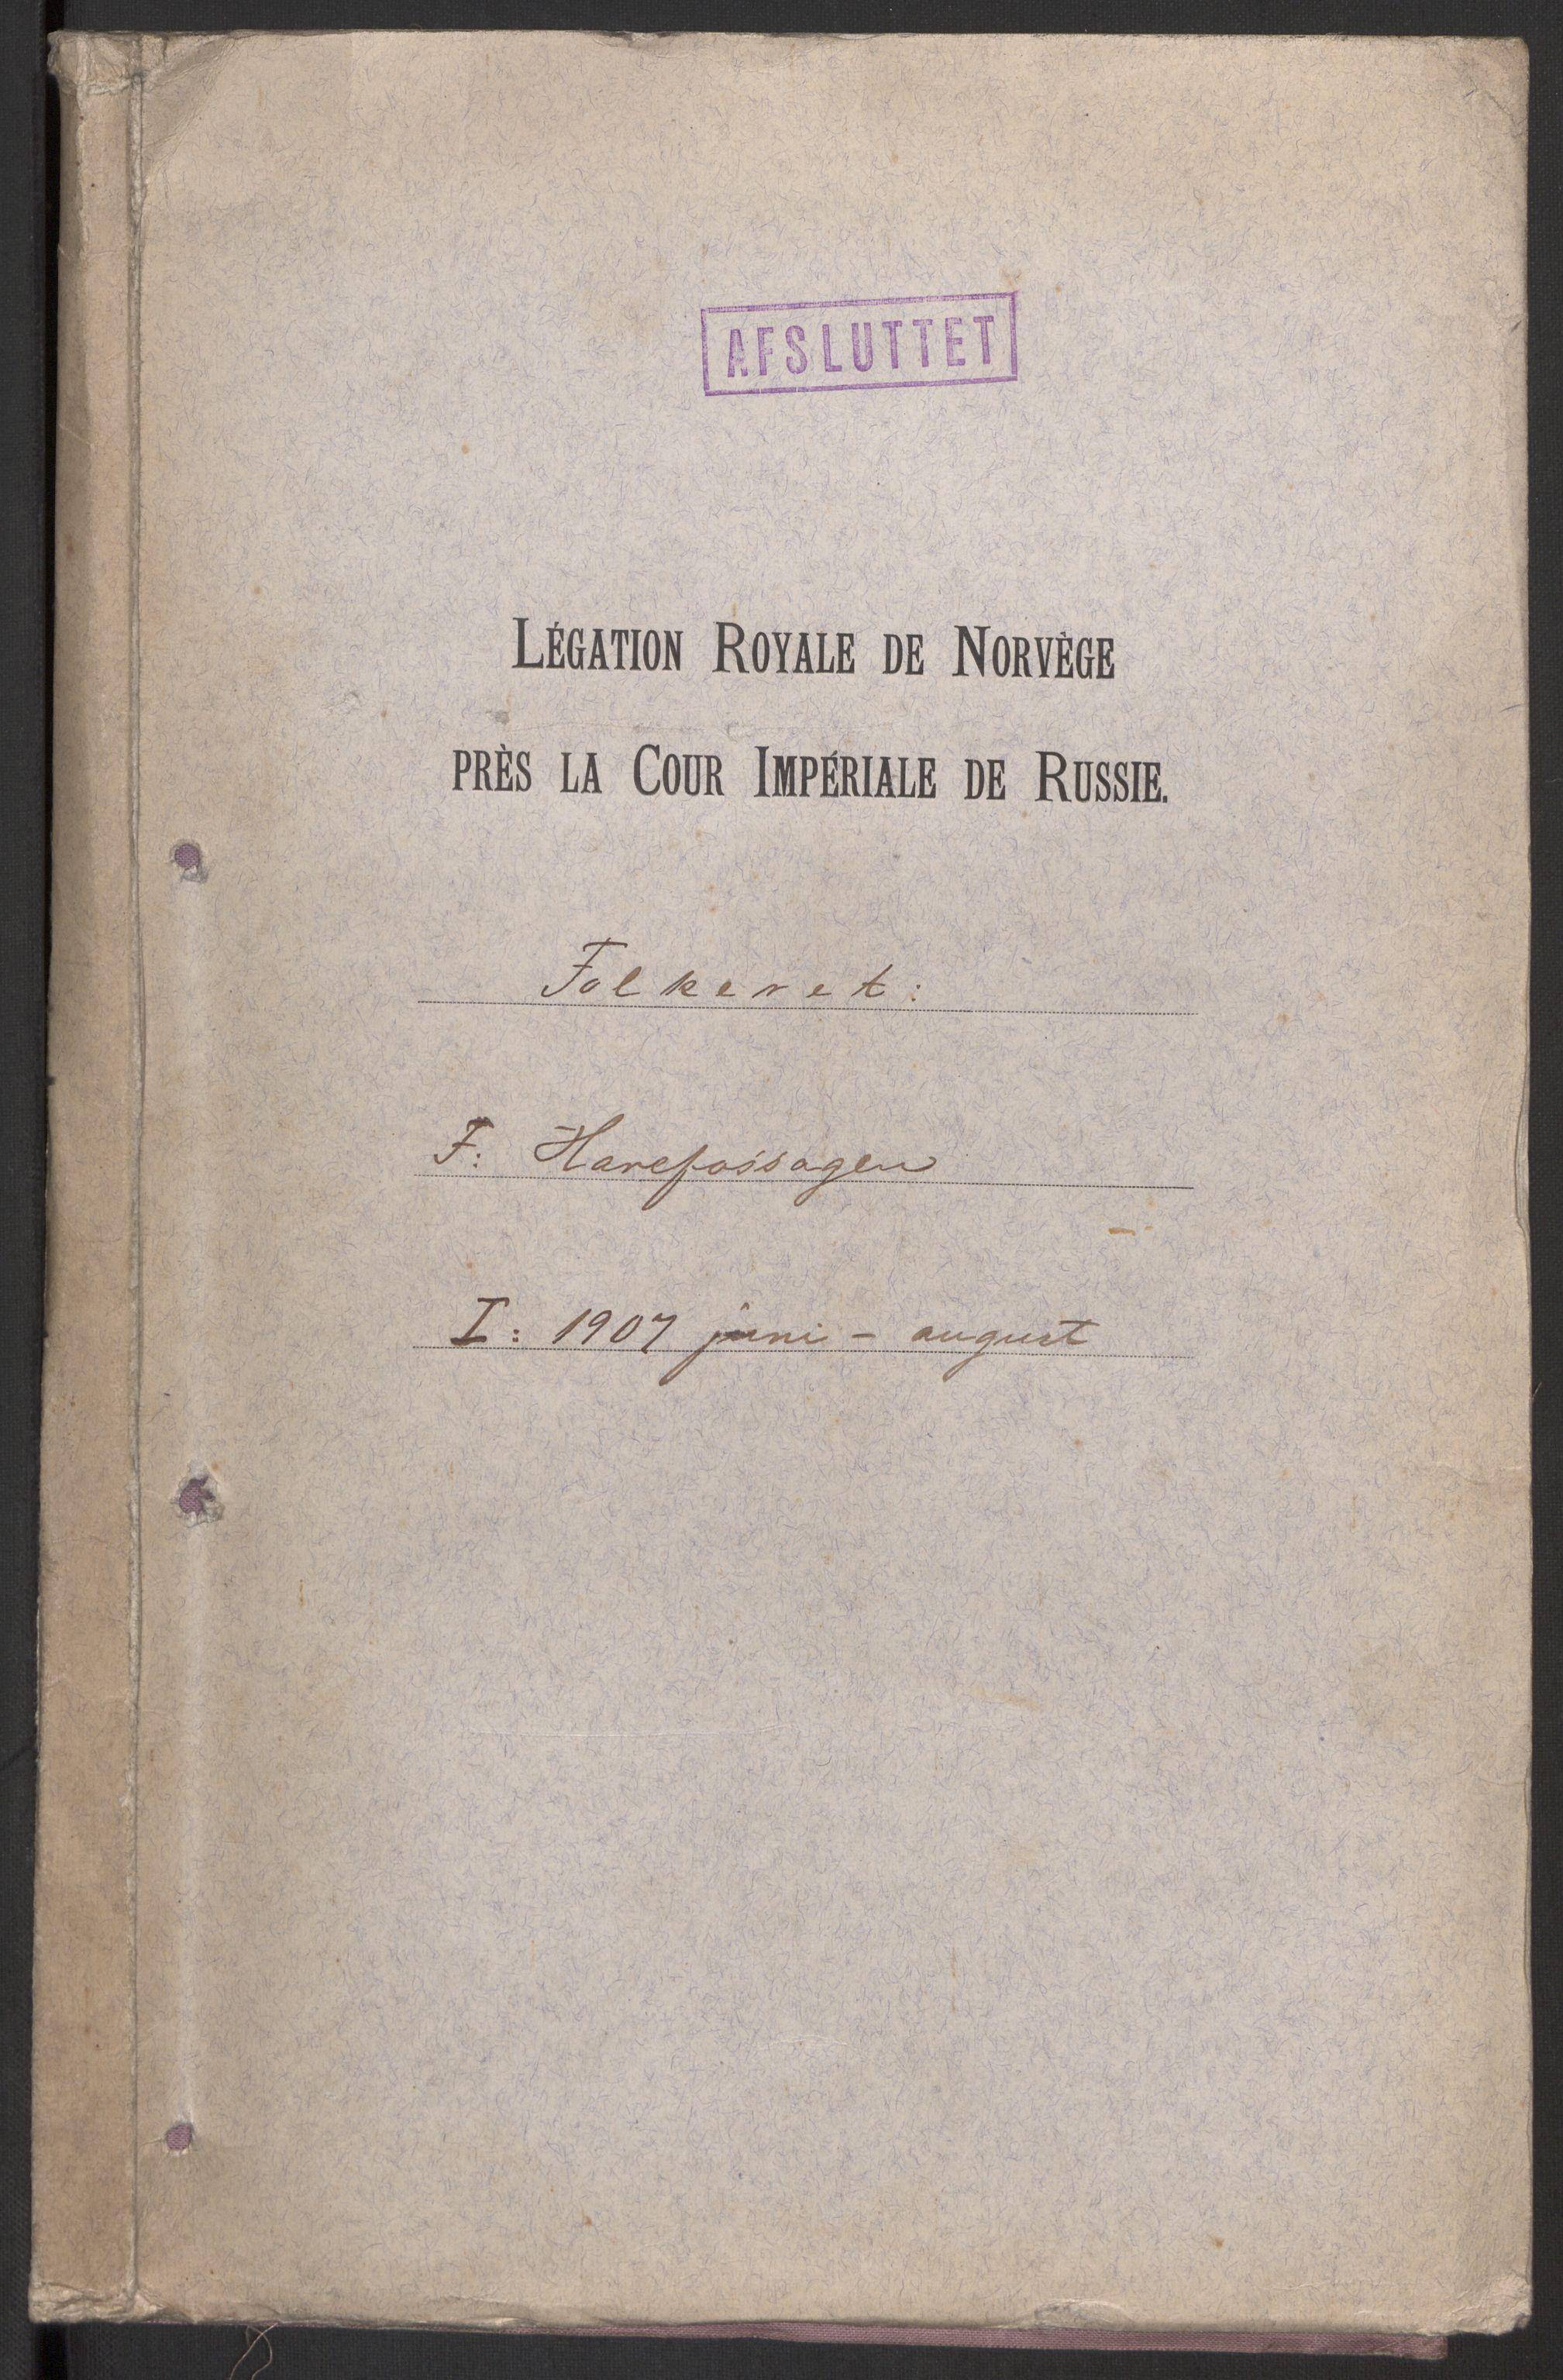 RA, Utenriksstasjonene, Legasjonen i St. Petersburg, Russland, D/Da/L0013: --, 1907-1918, s. 1